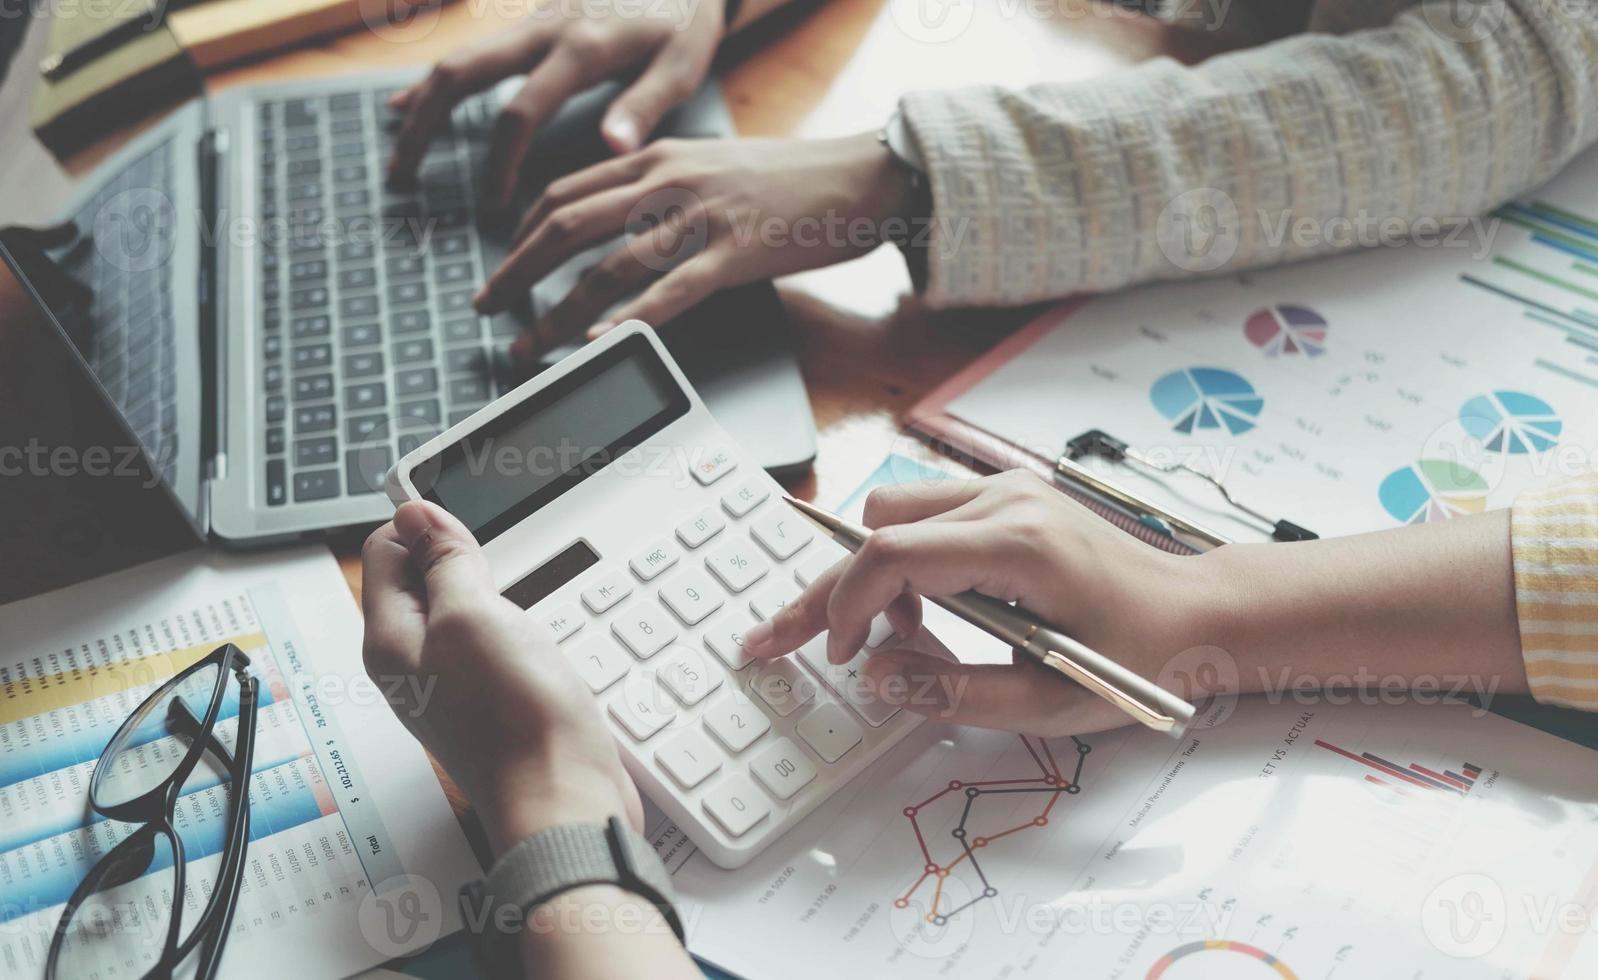 partenaires commerciaux utilisant une calculatrice et un ordinateur portable photo